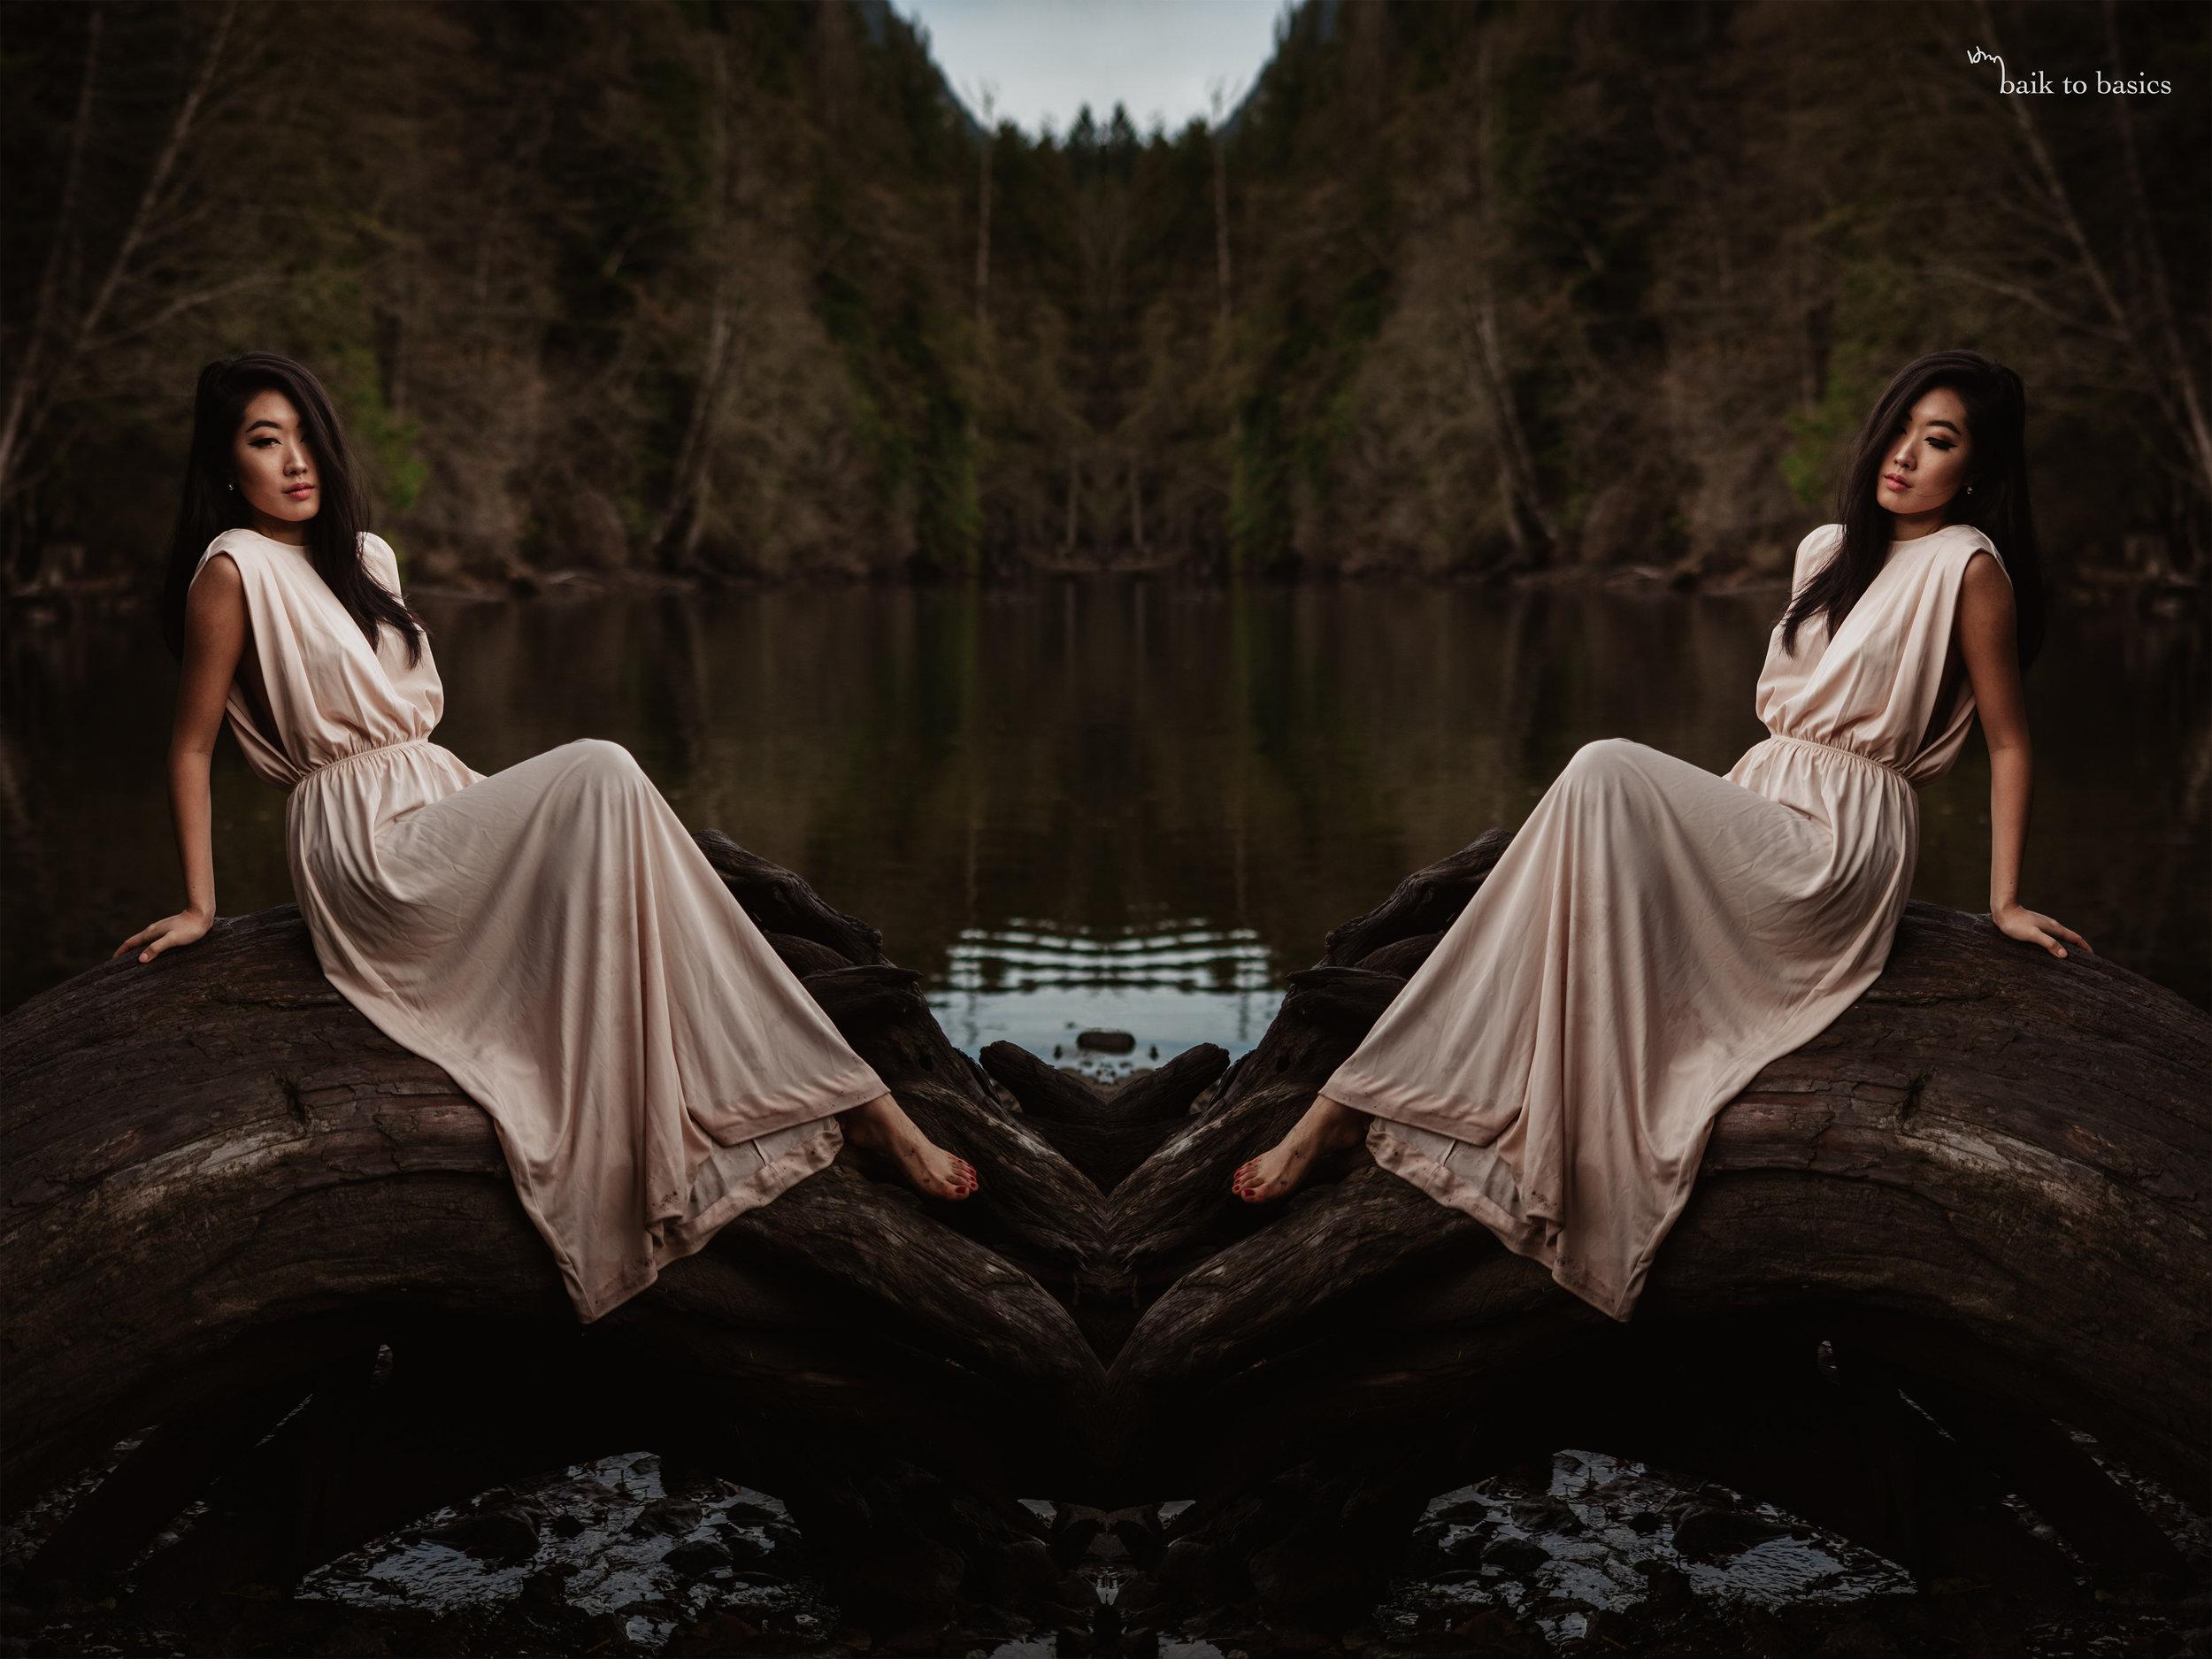 enchanted-mirror-lake